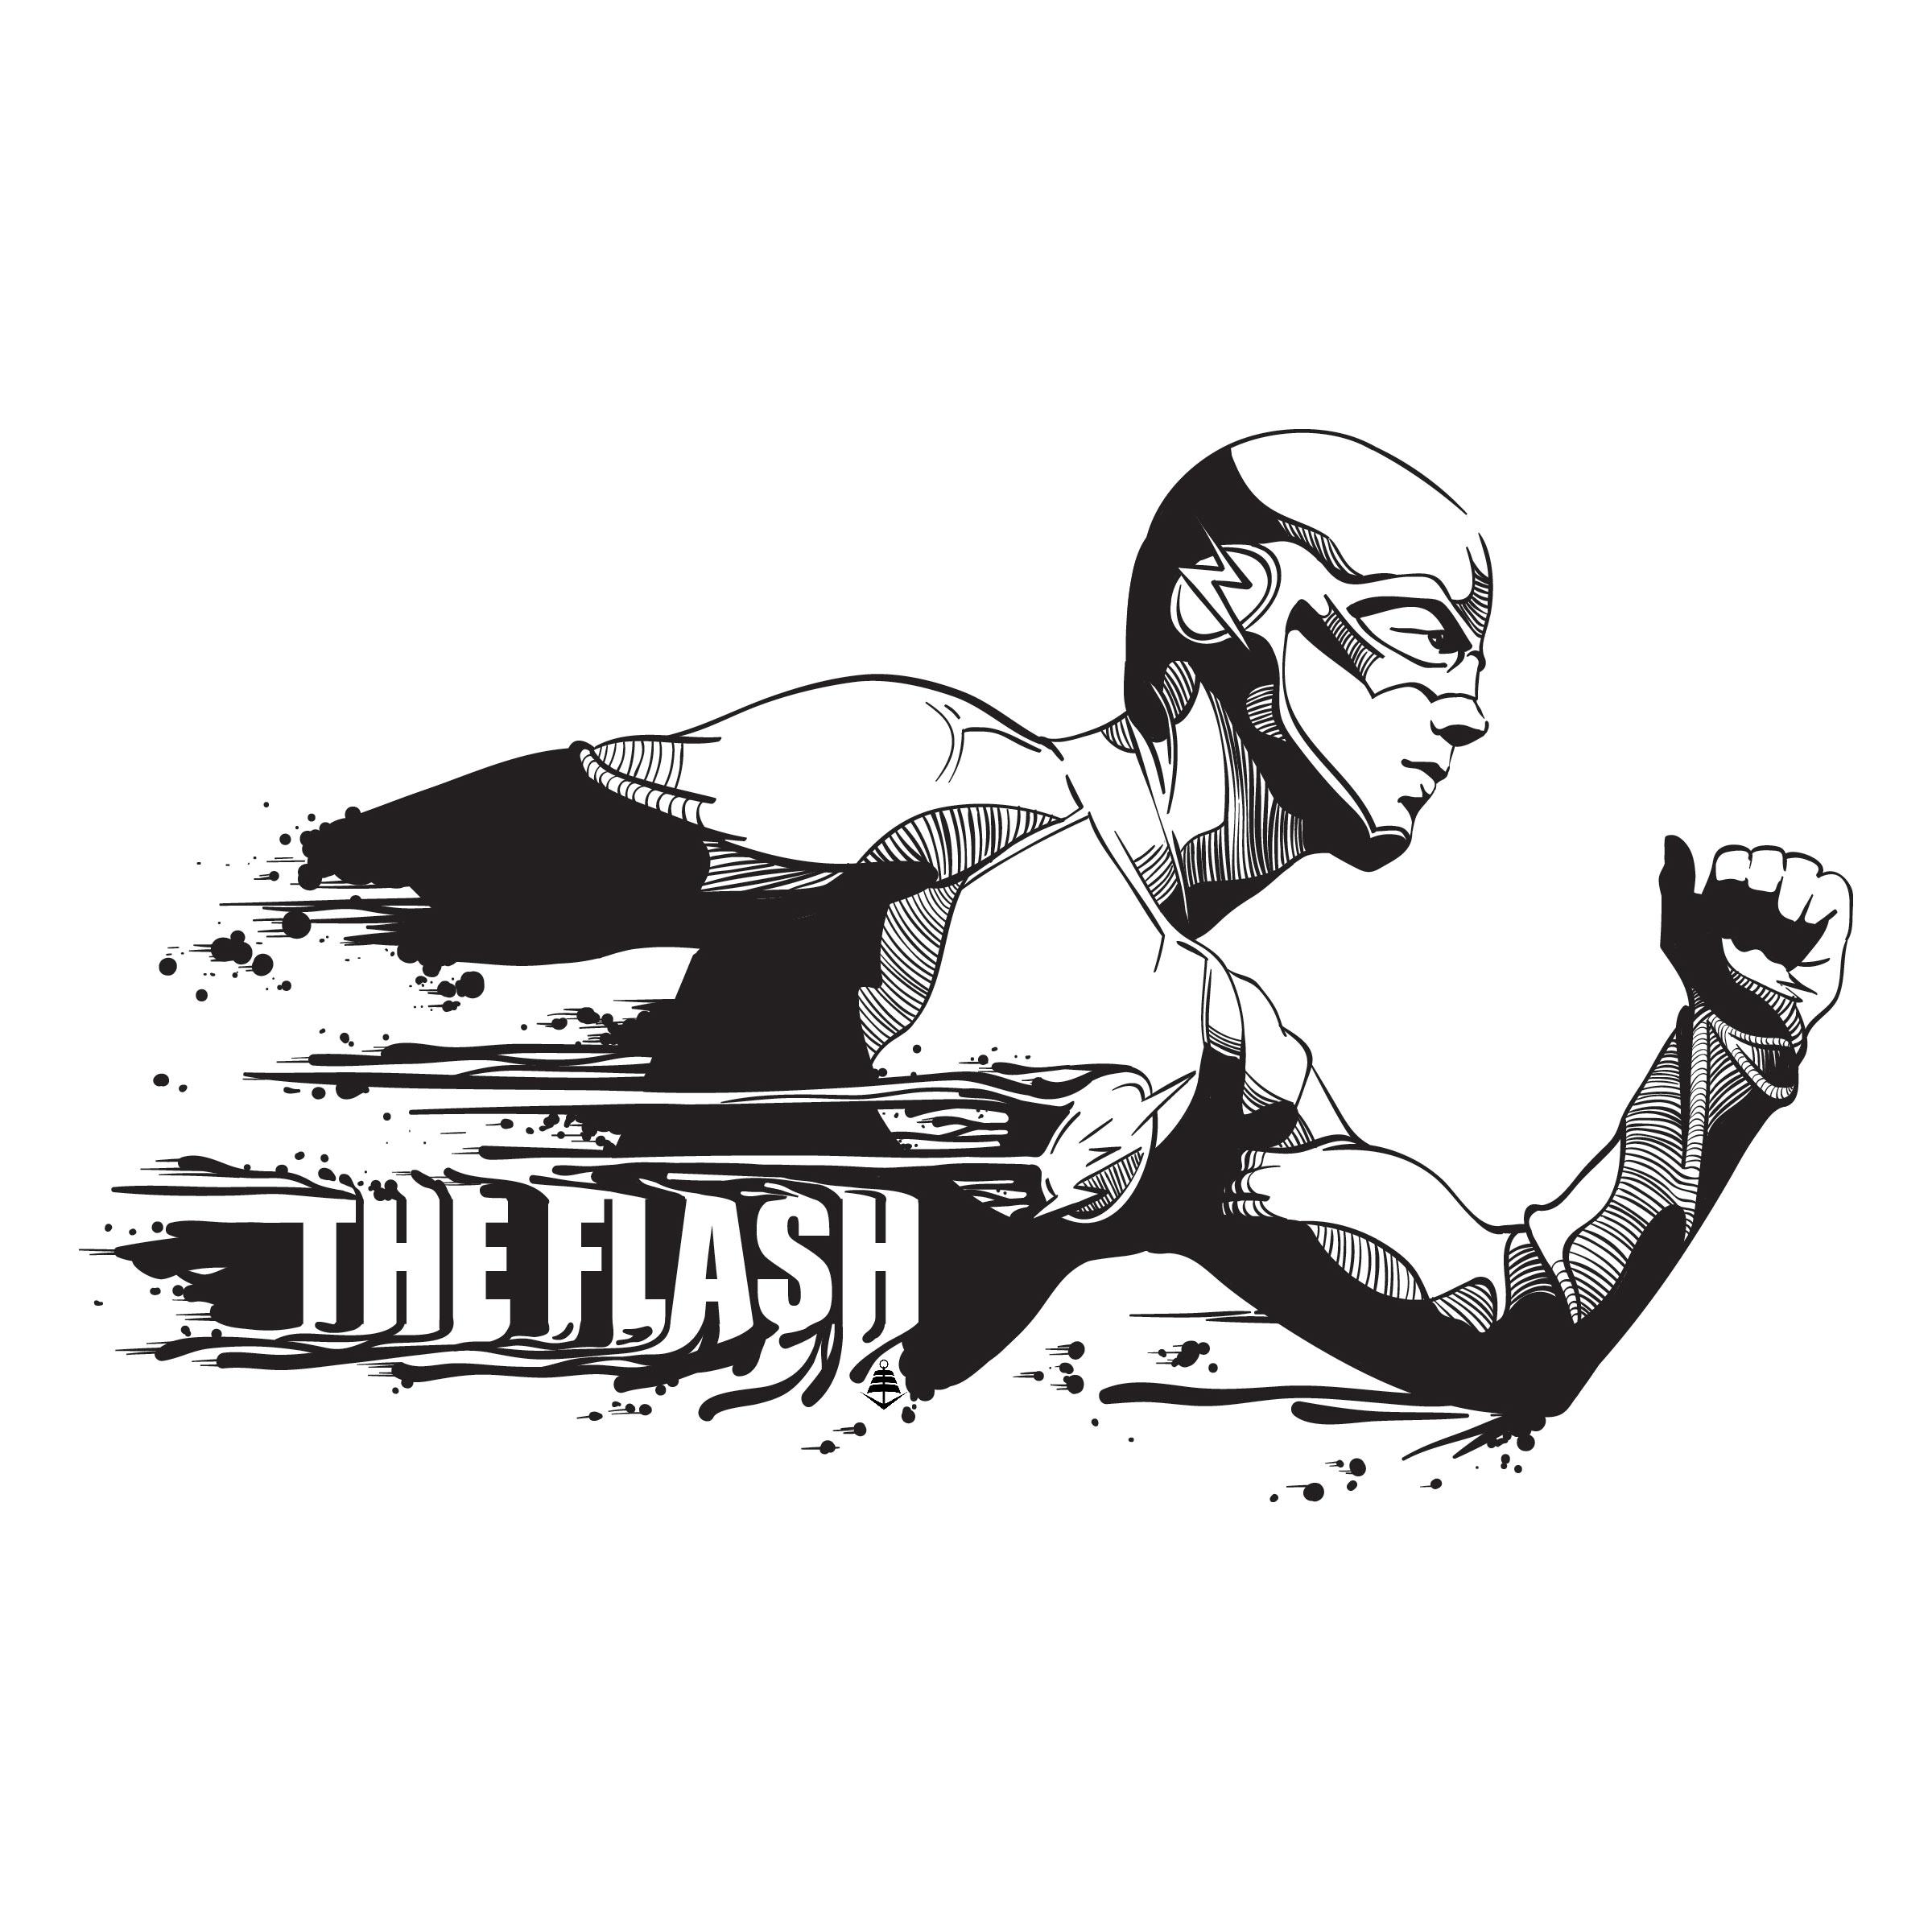 FandomInInk-TheFlash-web.jpg